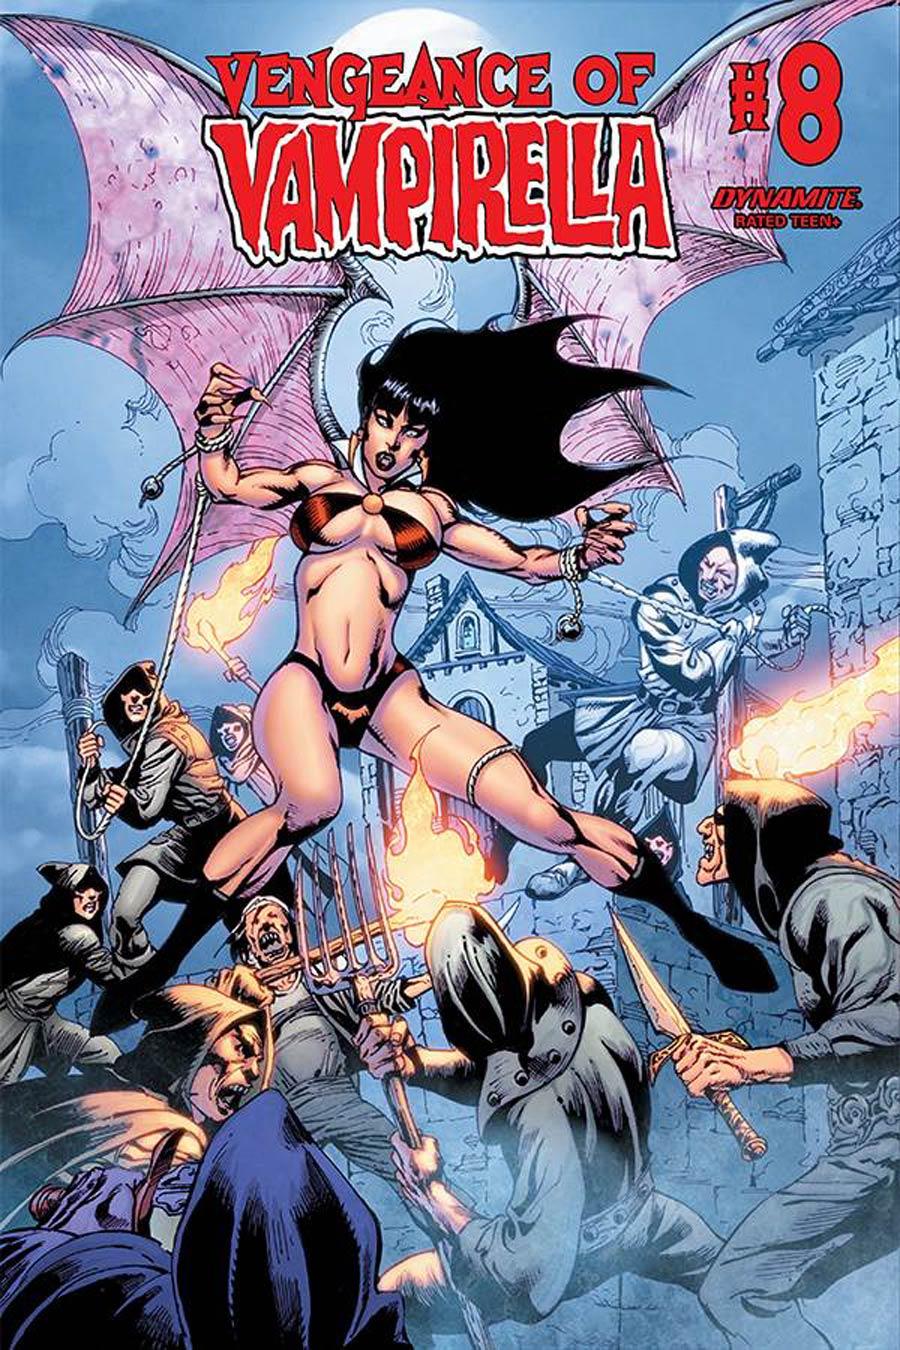 Vengeance Of Vampirella Vol 2 #8 Cover E Variant Roberto Castro Cover